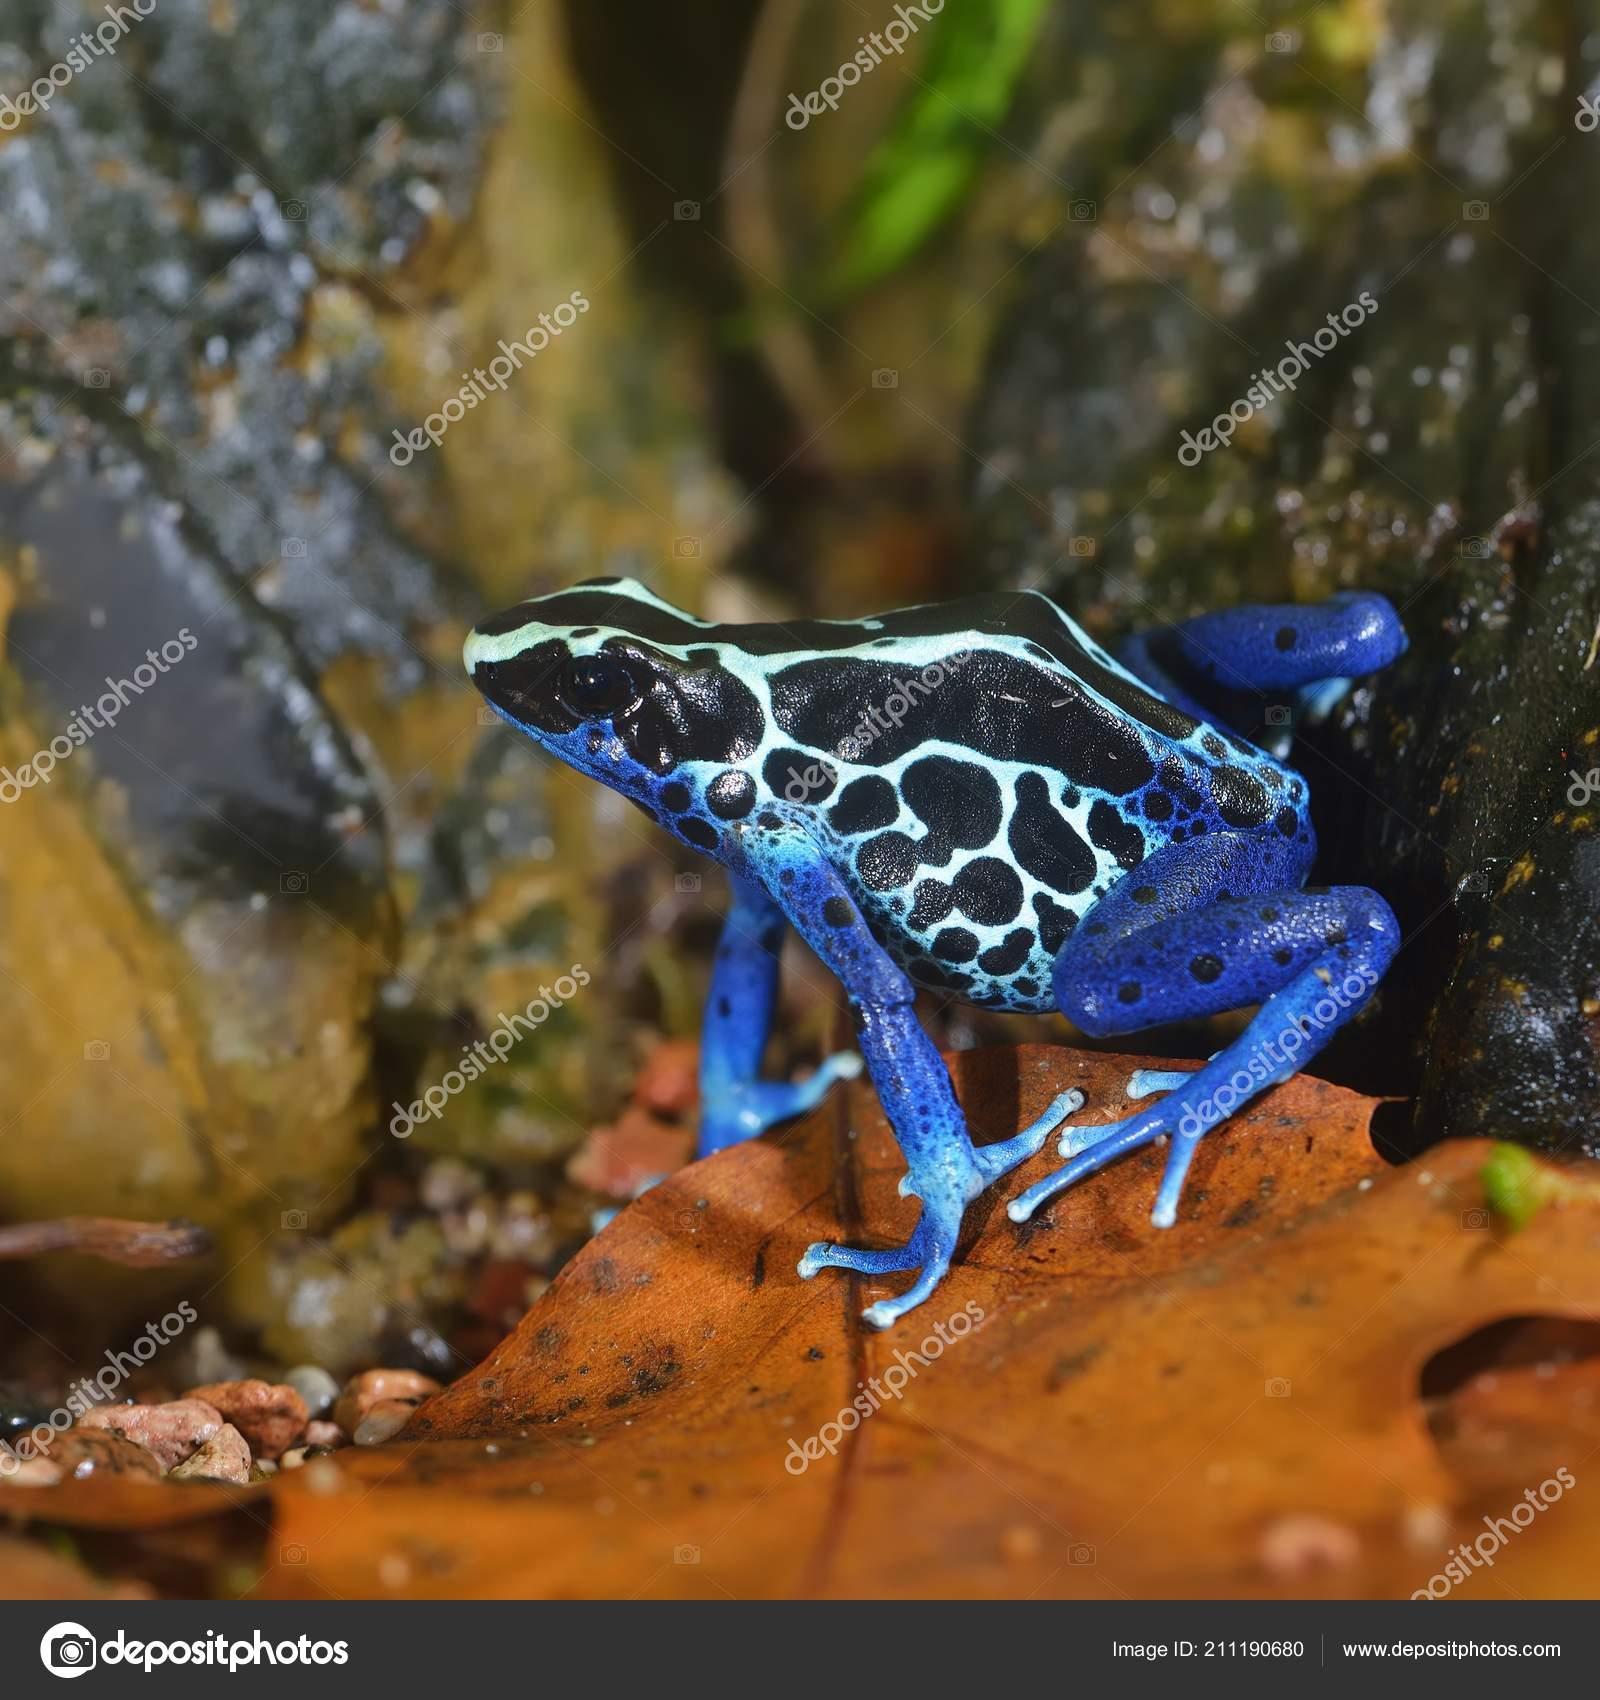 Blue Dart Frog Dendrobates Tinctorius Terrarium Colourful Bright